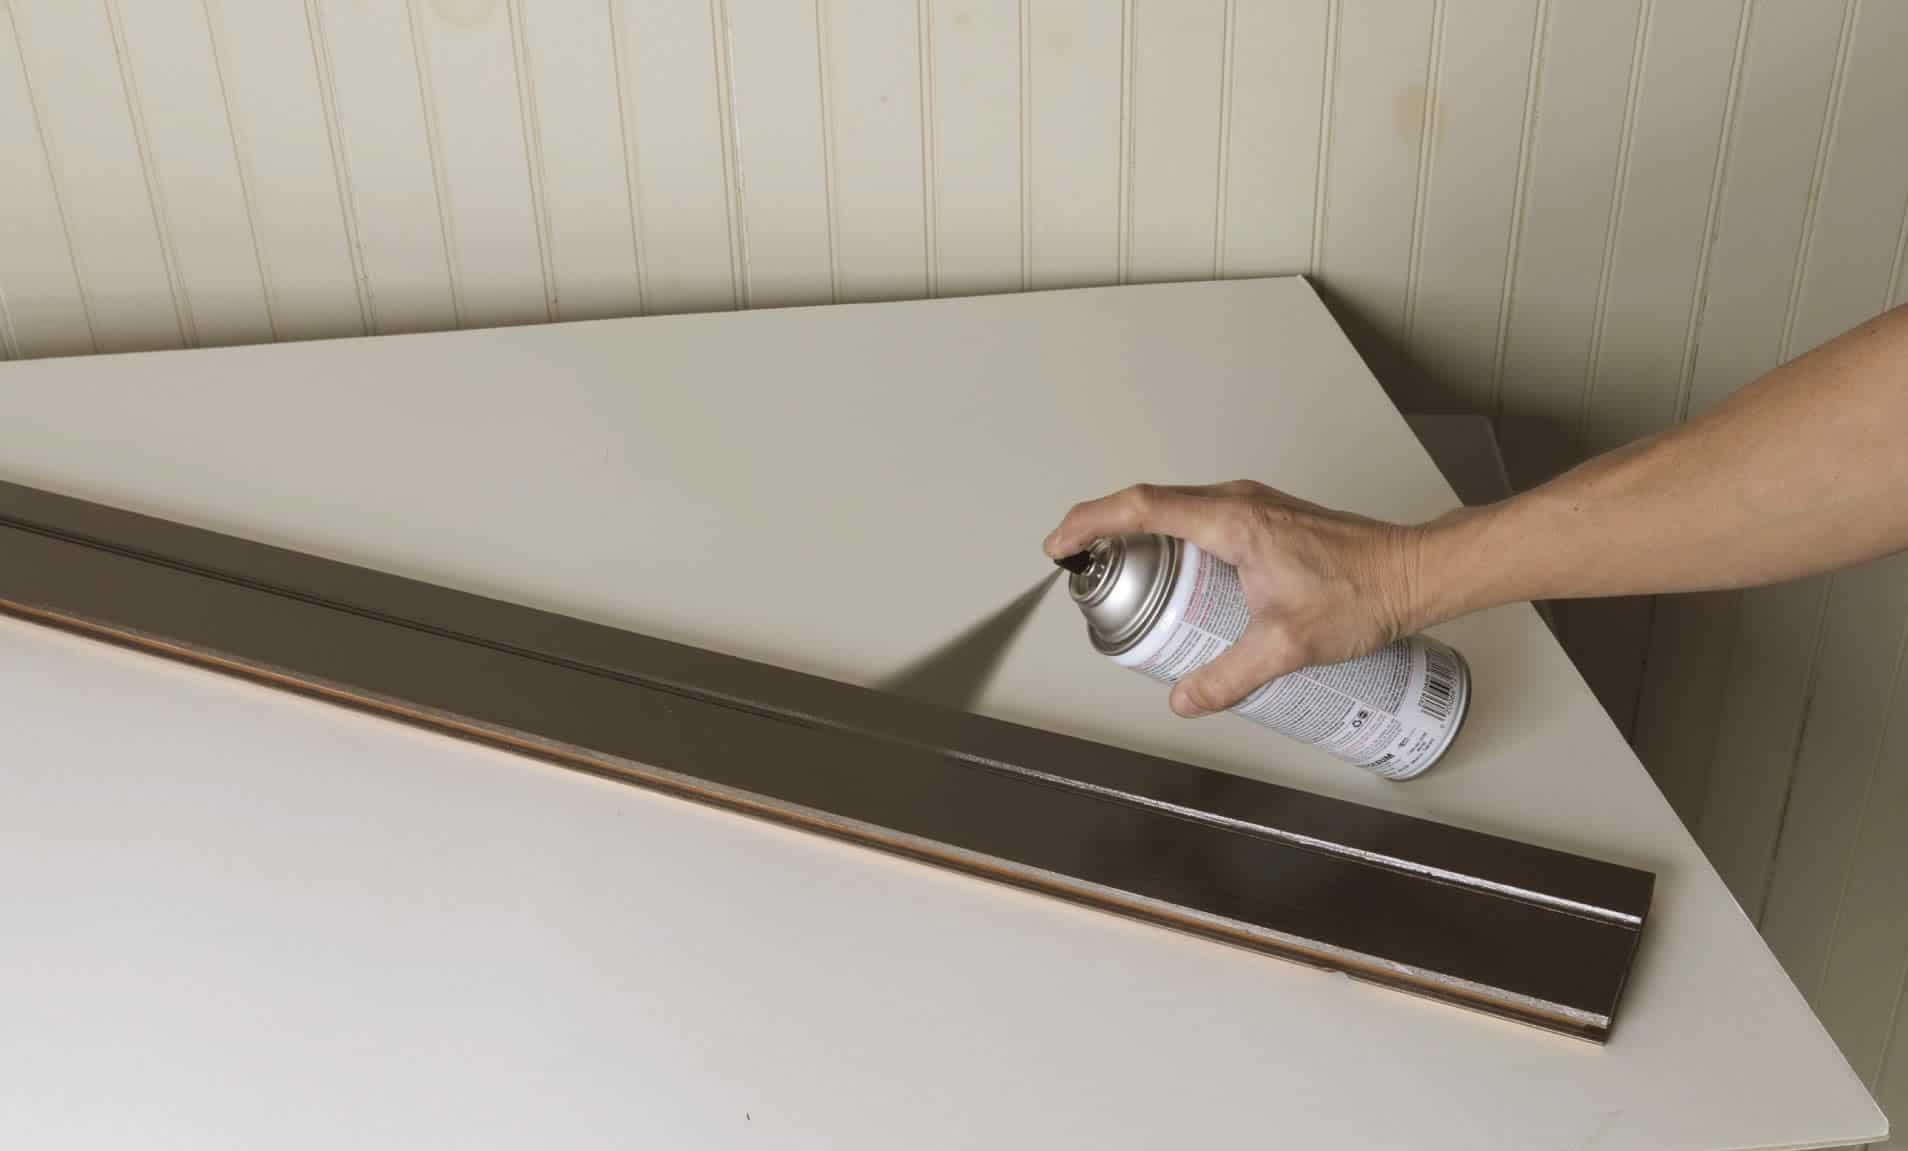 spray painting wood trim